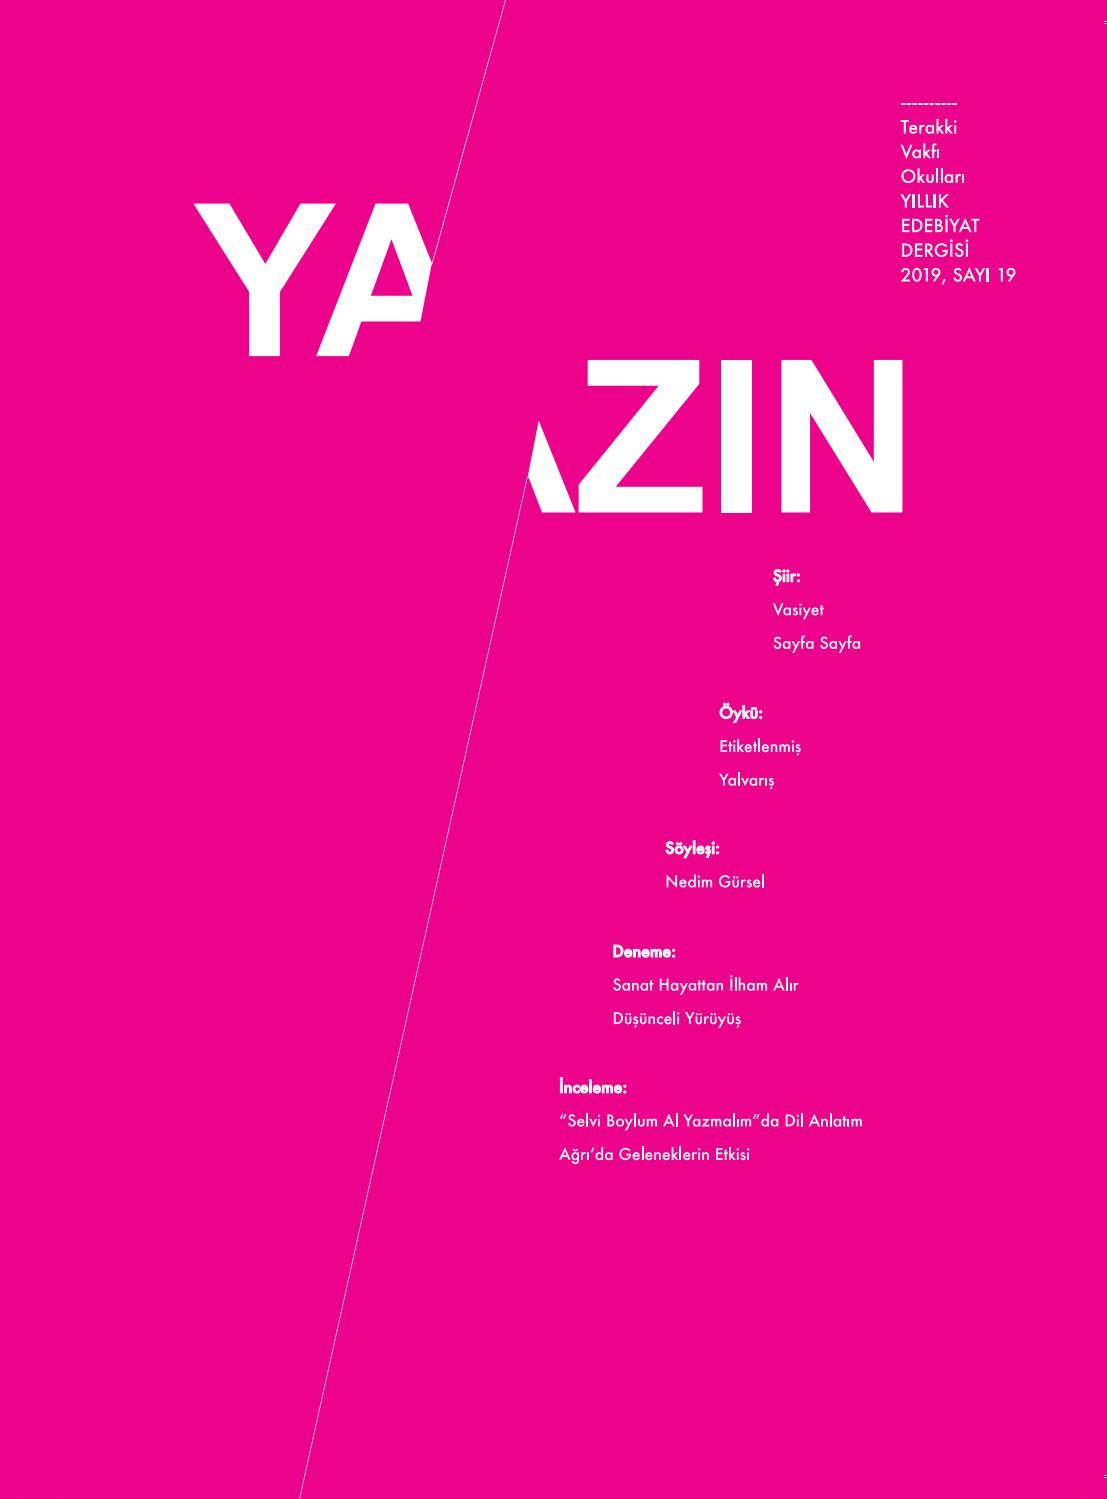 yazin yillik edebiyat dergisi 2019